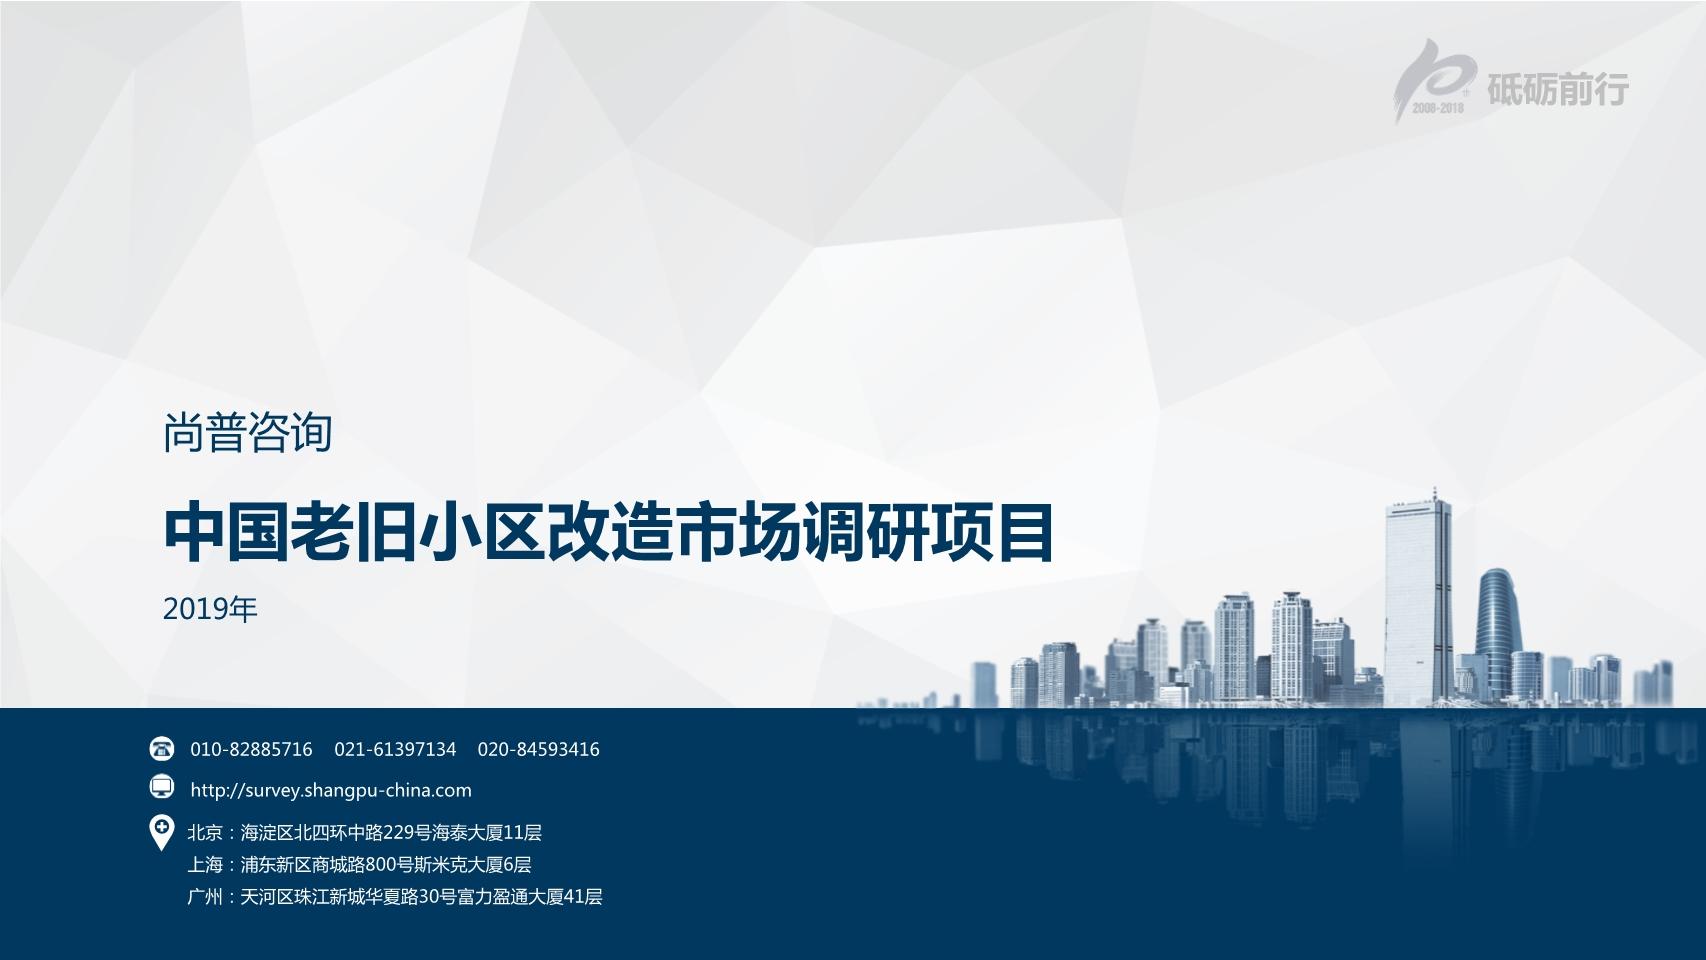 尚普咨询-中国老旧小区改造市场调研项目